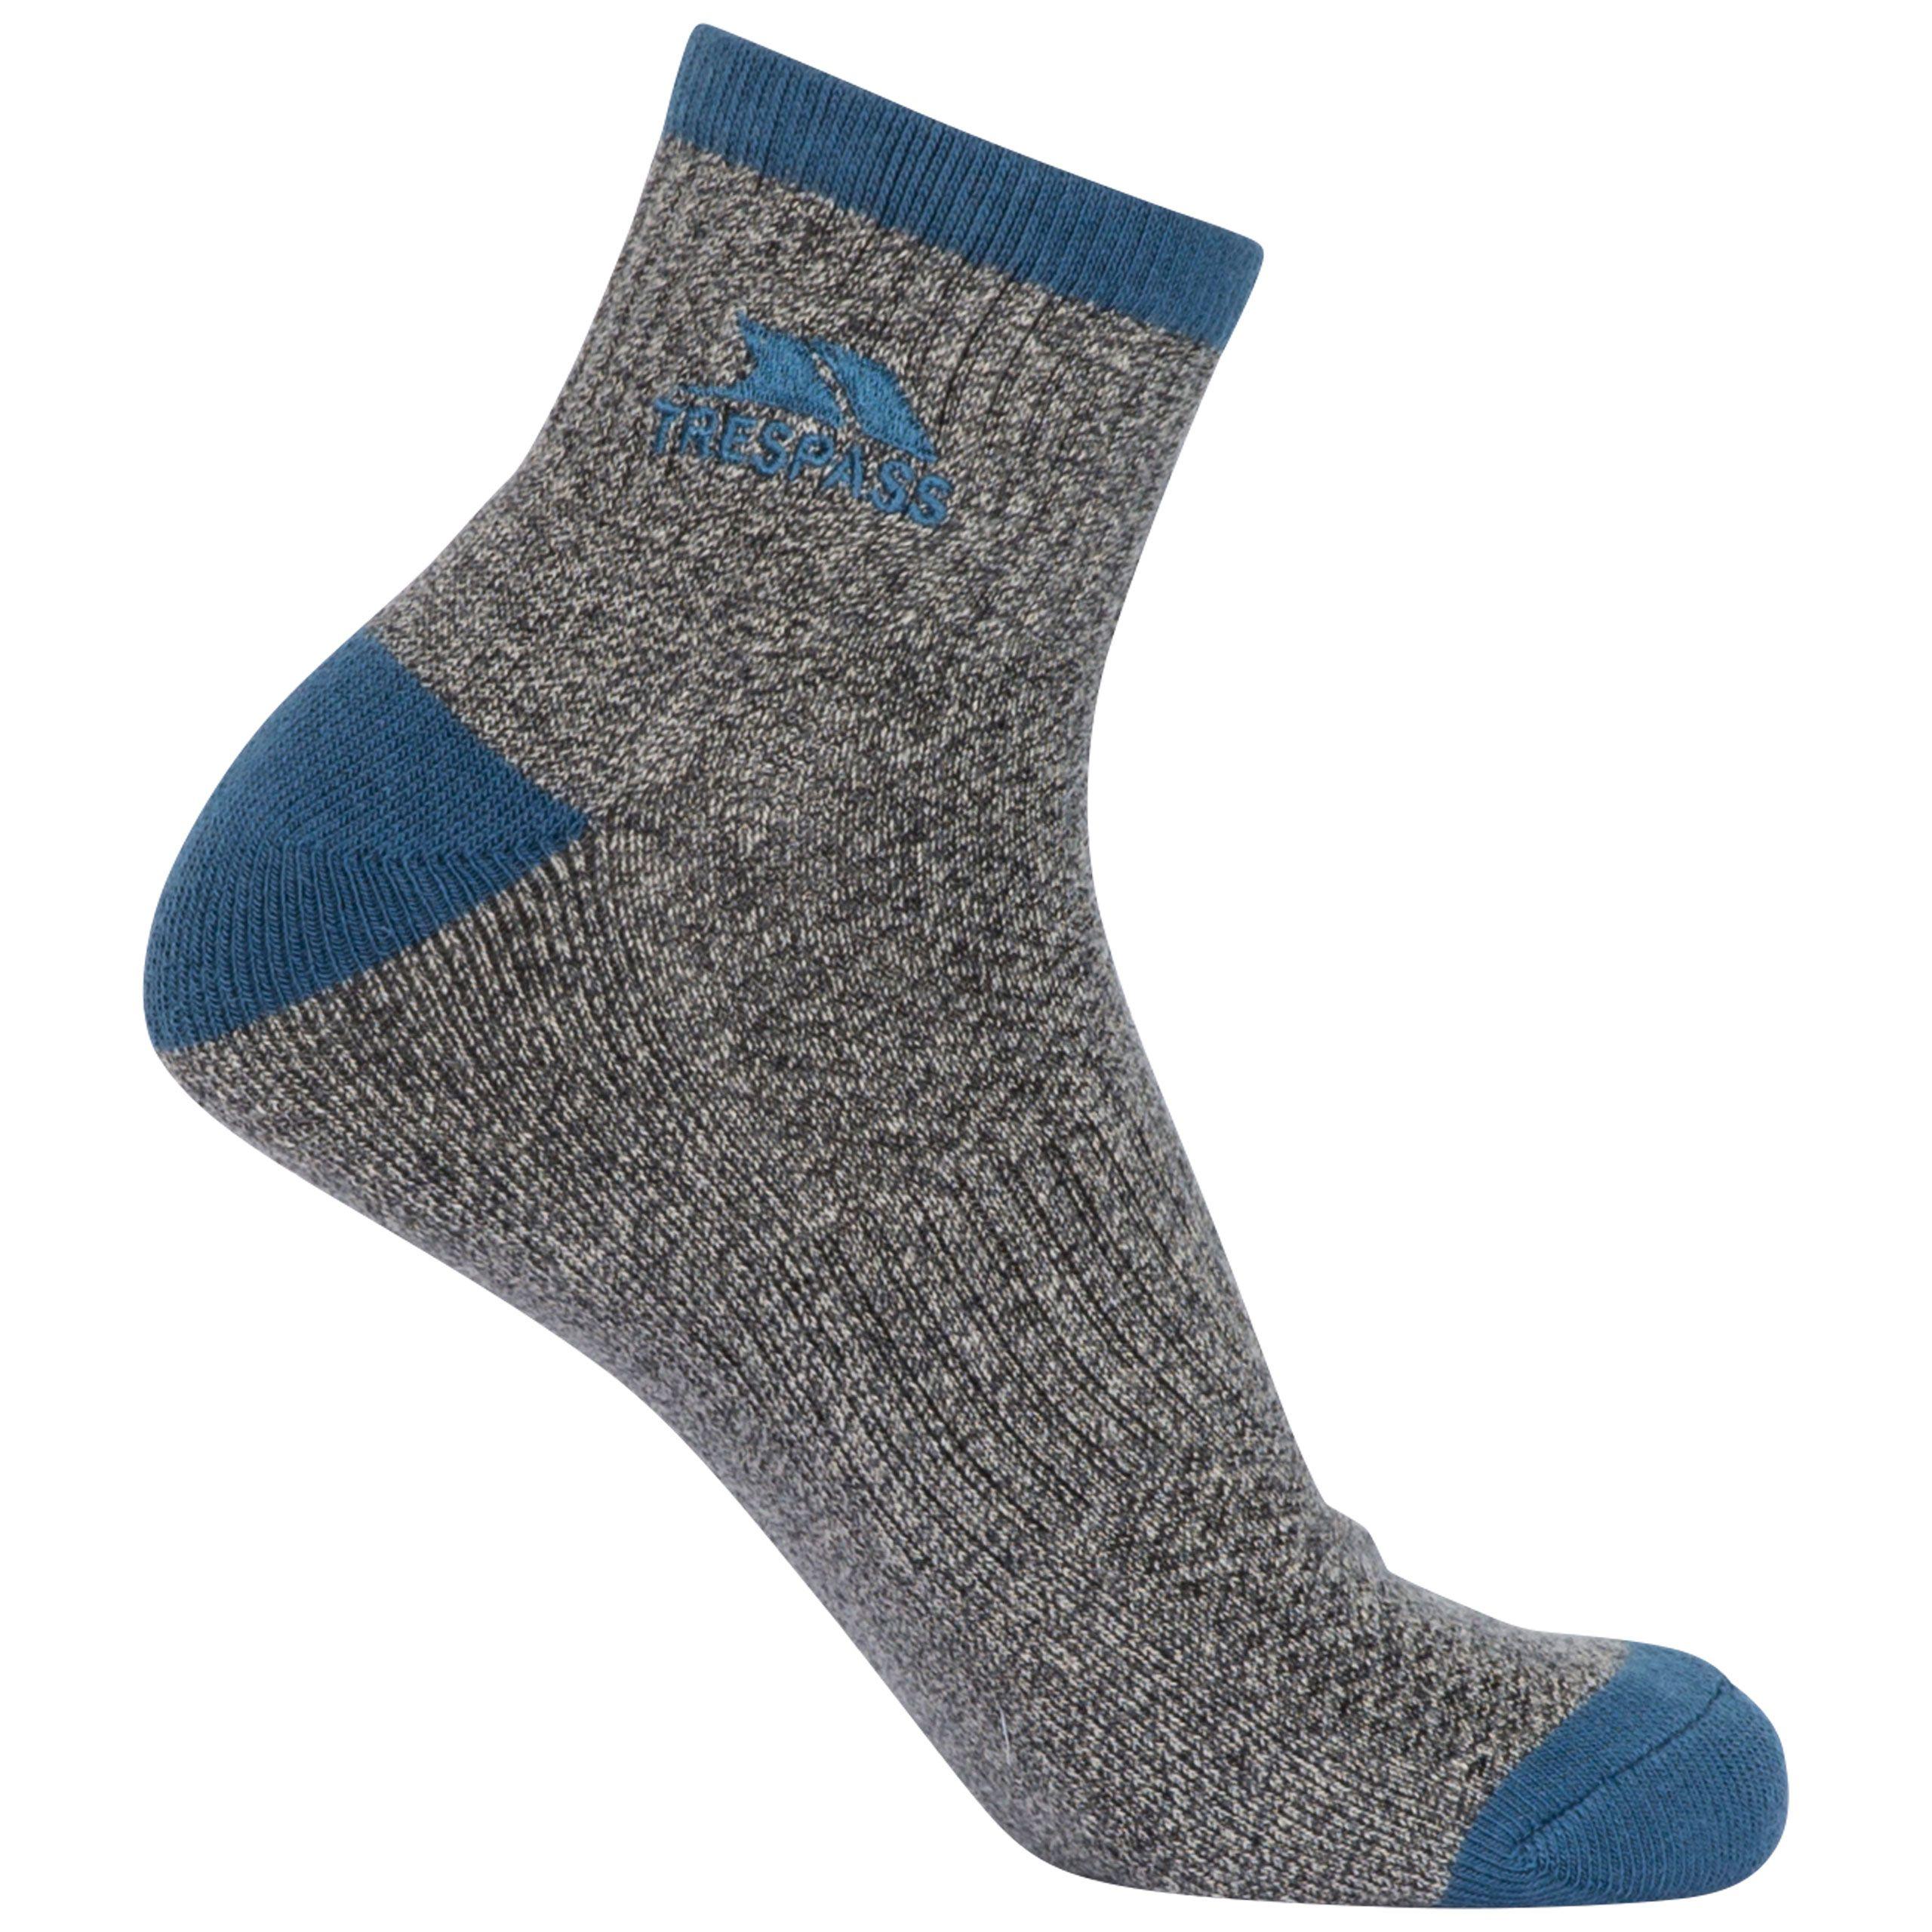 Vildhelm Unisex Technical Socks - 3 Pack